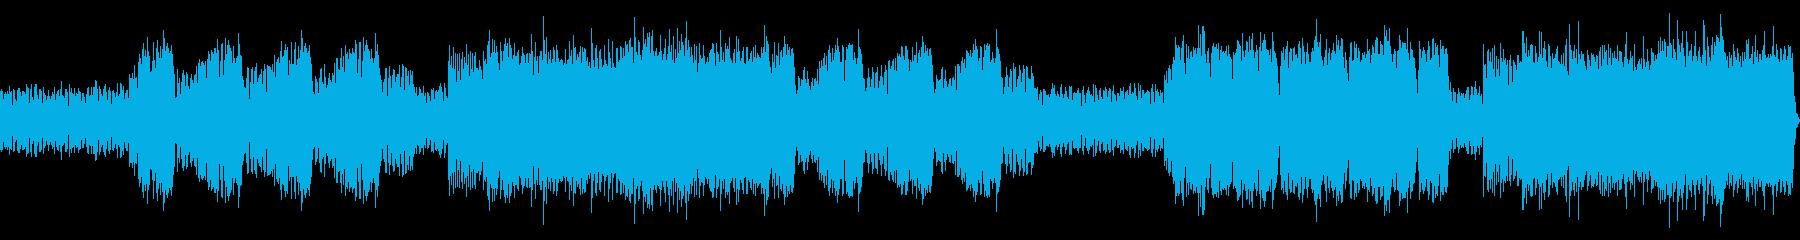 怖いながらも楽しい楽曲の再生済みの波形